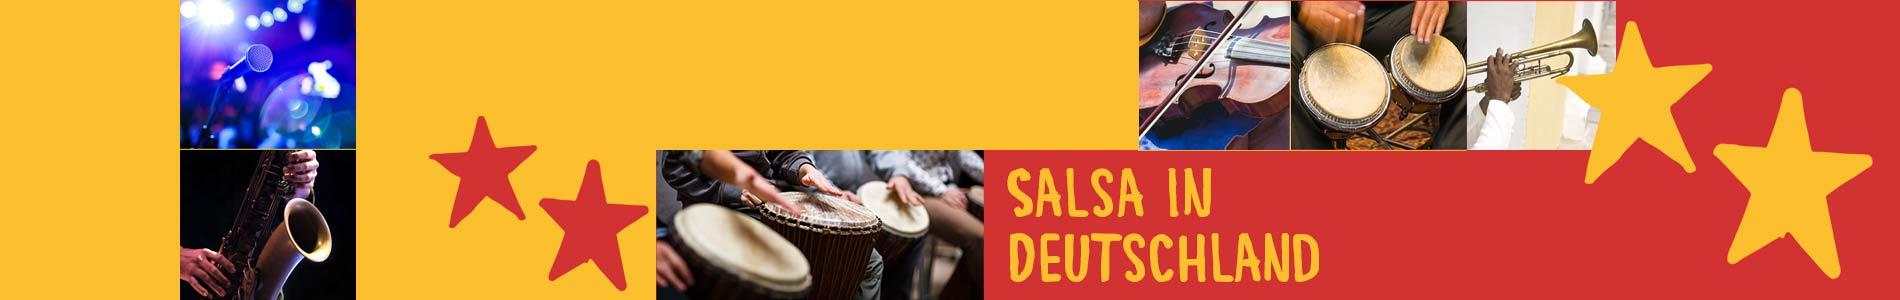 Salsa in Braunsbedra – Salsa lernen und tanzen, Tanzkurse, Partys, Veranstaltungen